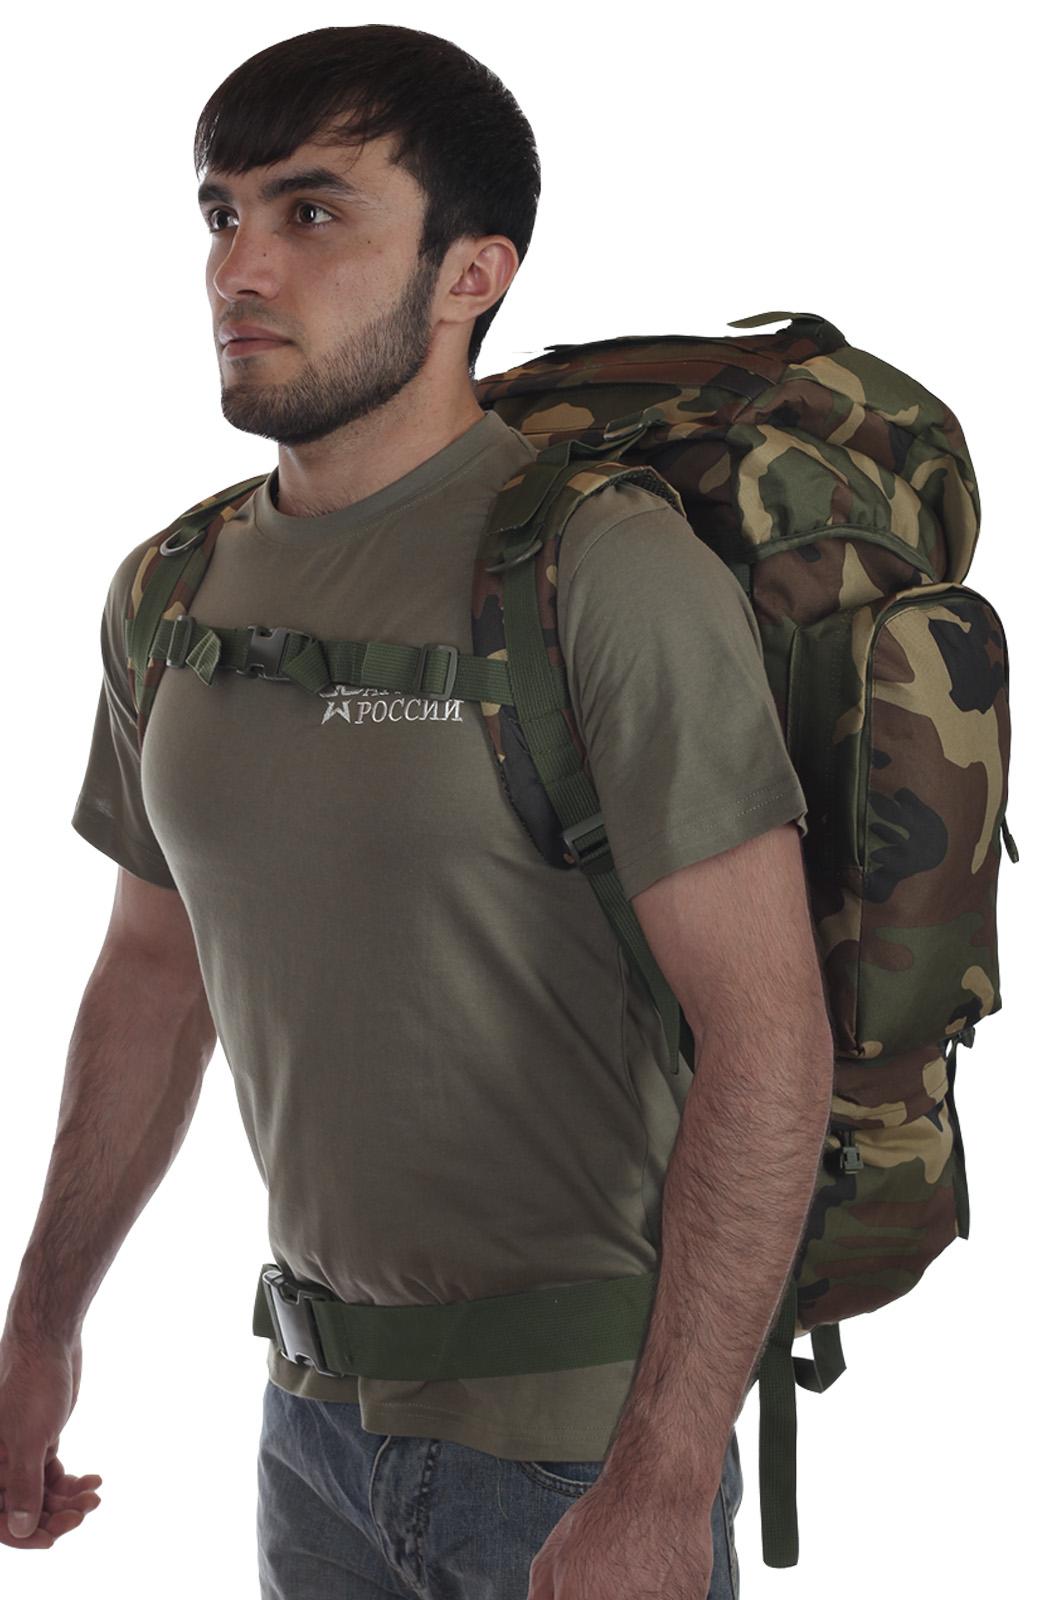 Камуфляжный охотничий рюкзак CCE Ни Пуха ни Пера - купить в розницу